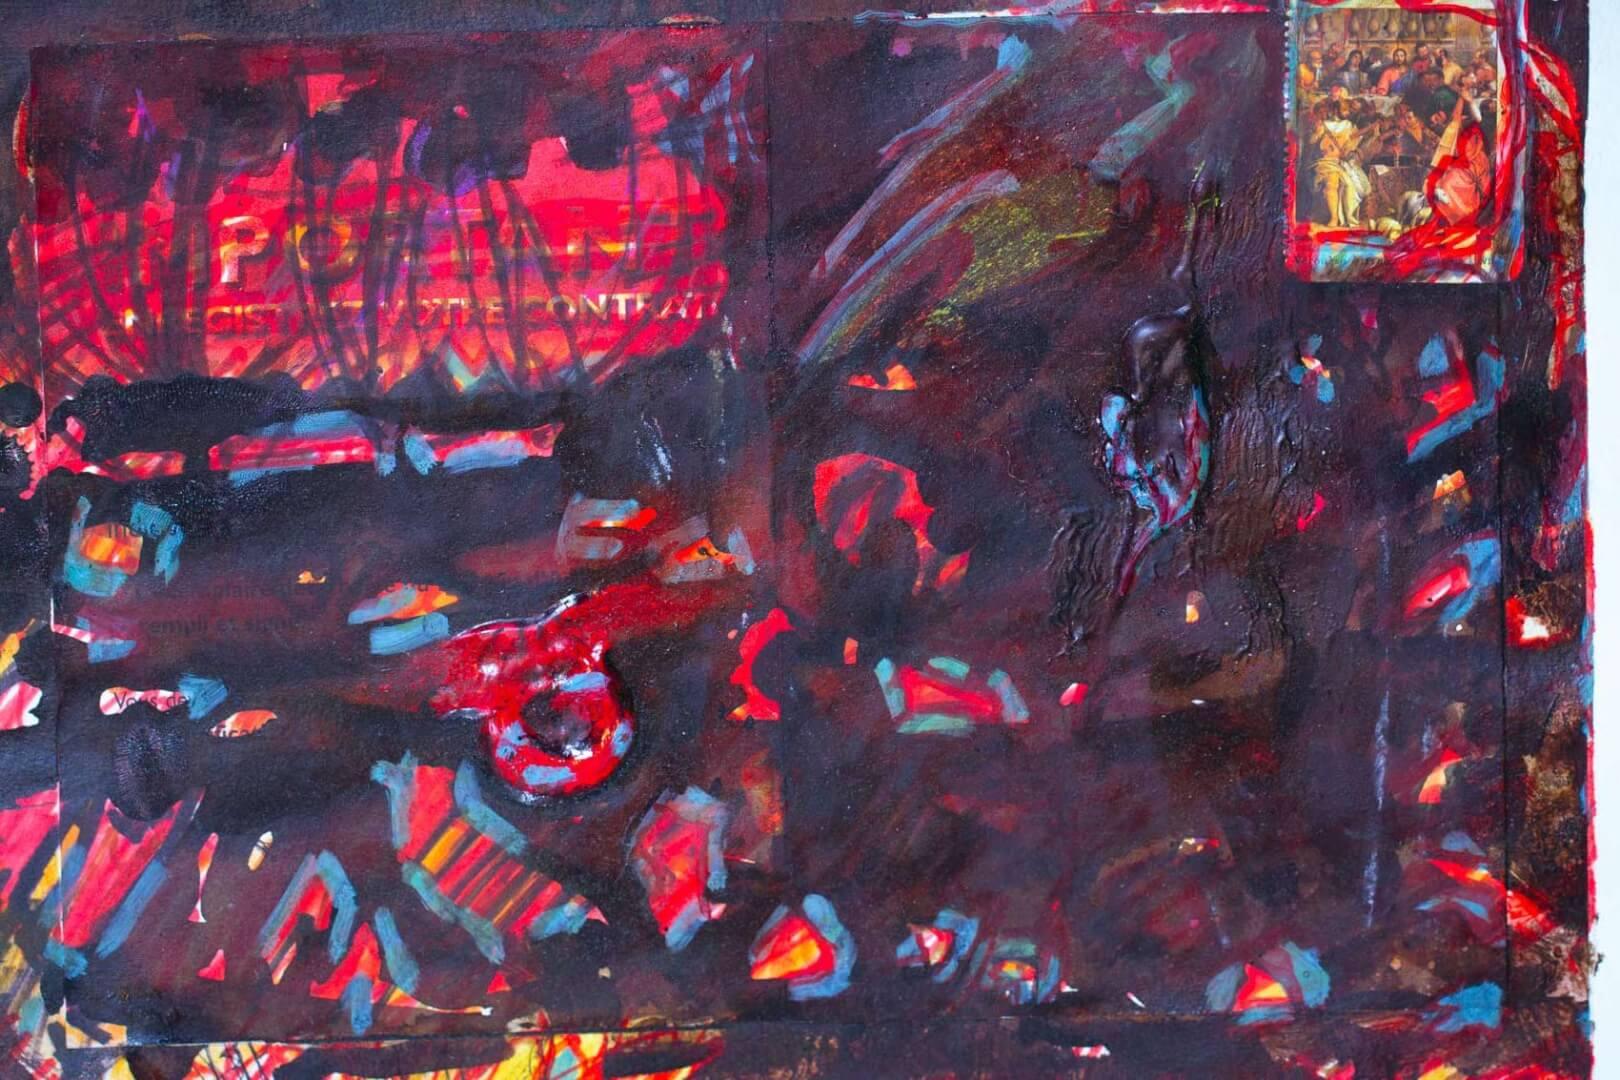 En cène © David Noir | Dessins, peintures, collages